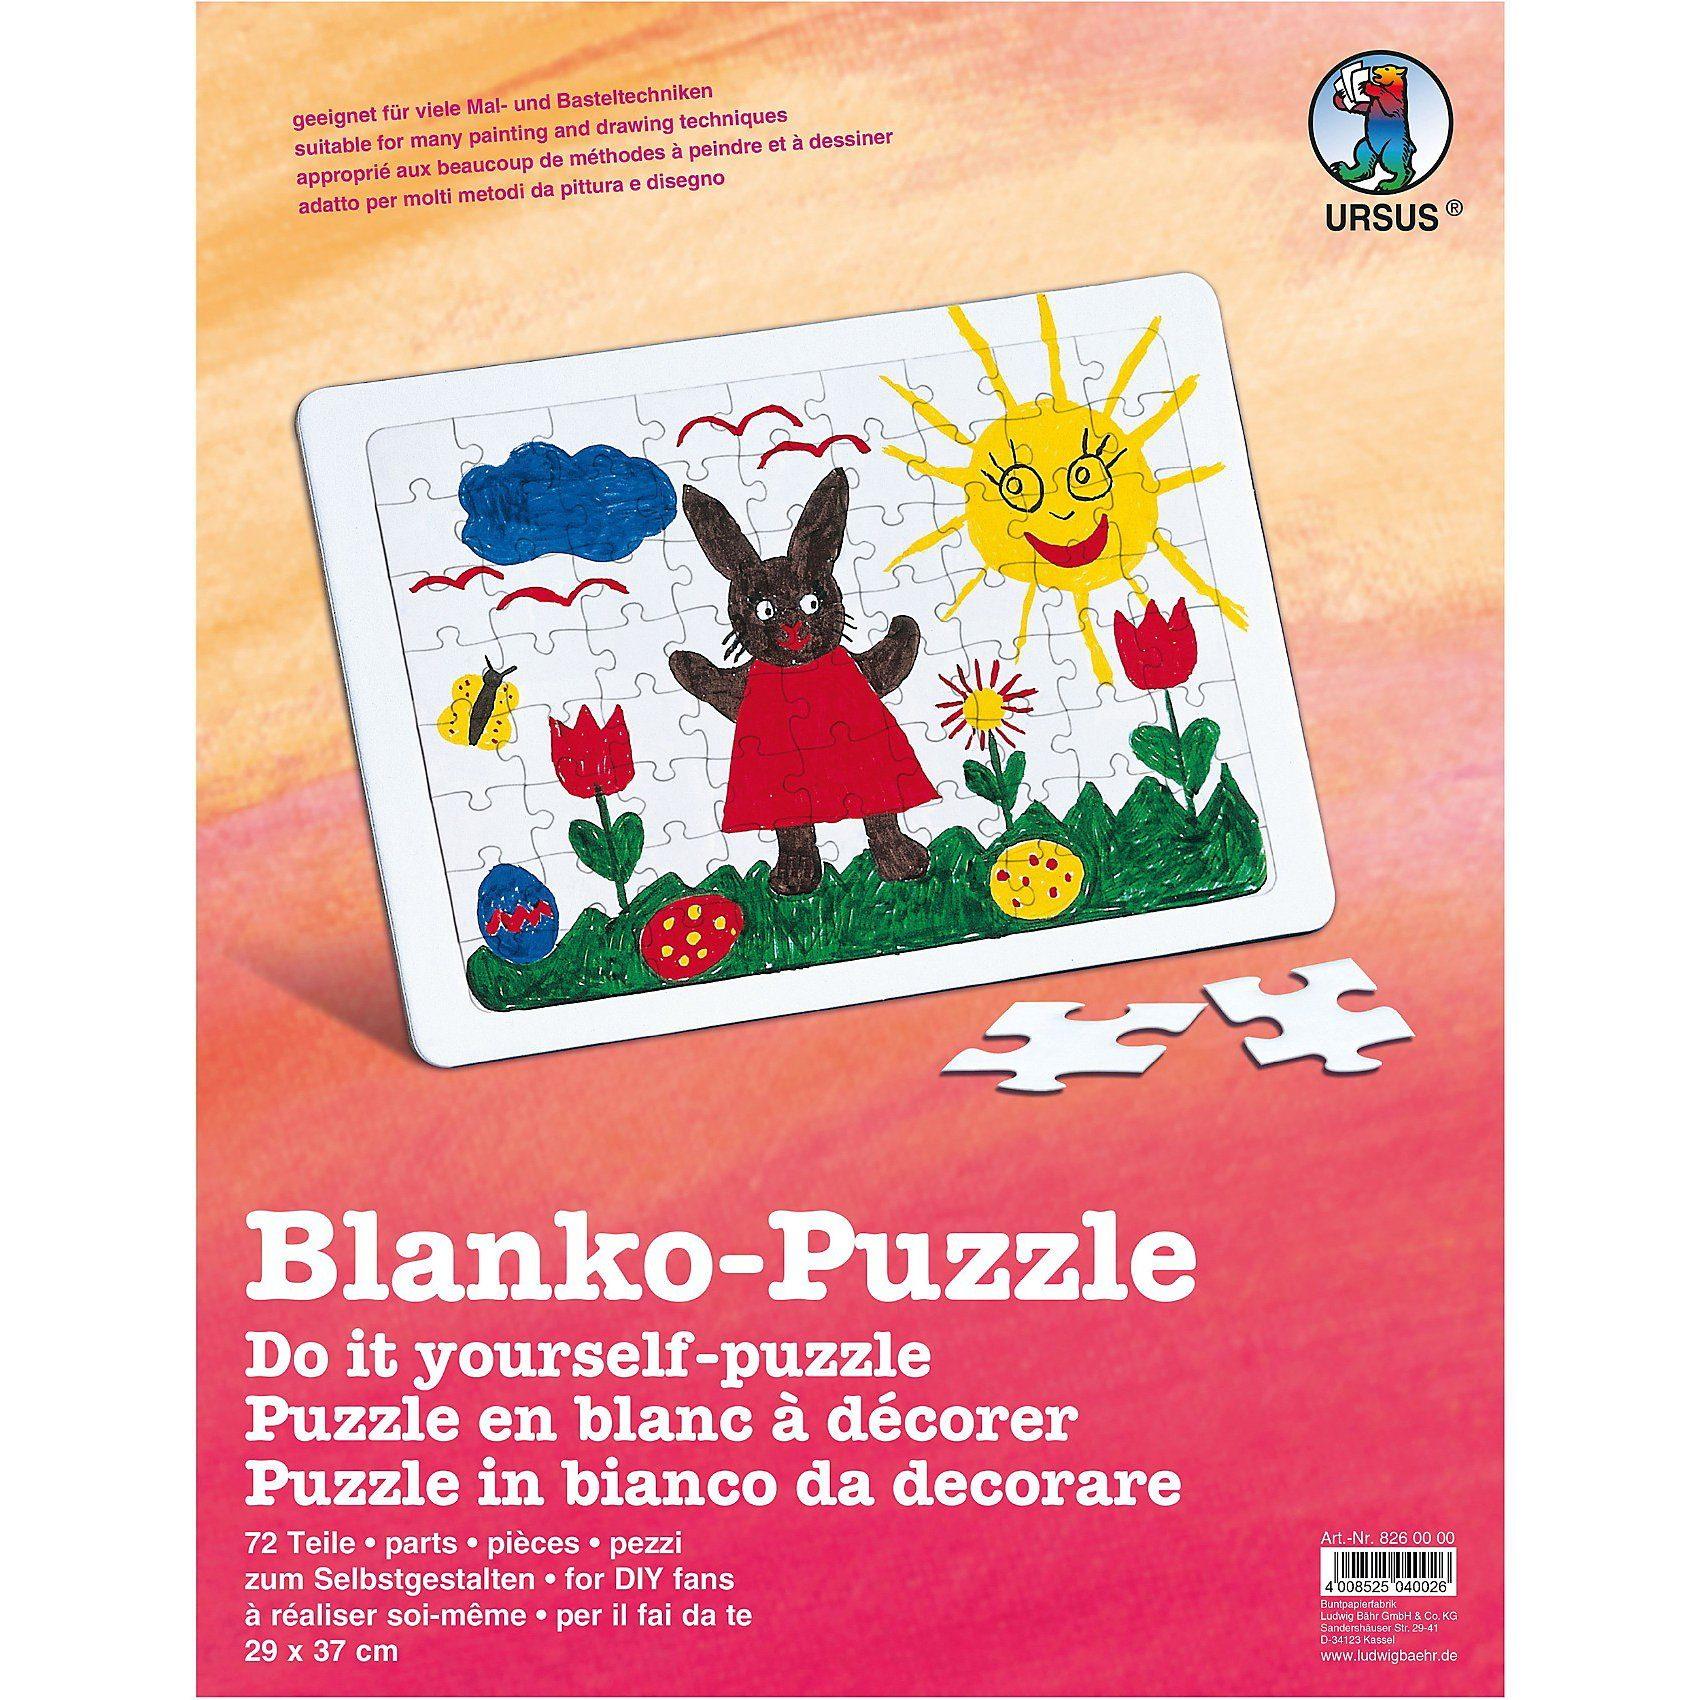 URSUS Blanko-Puzzle A3 zum Gestalten und Bemalen